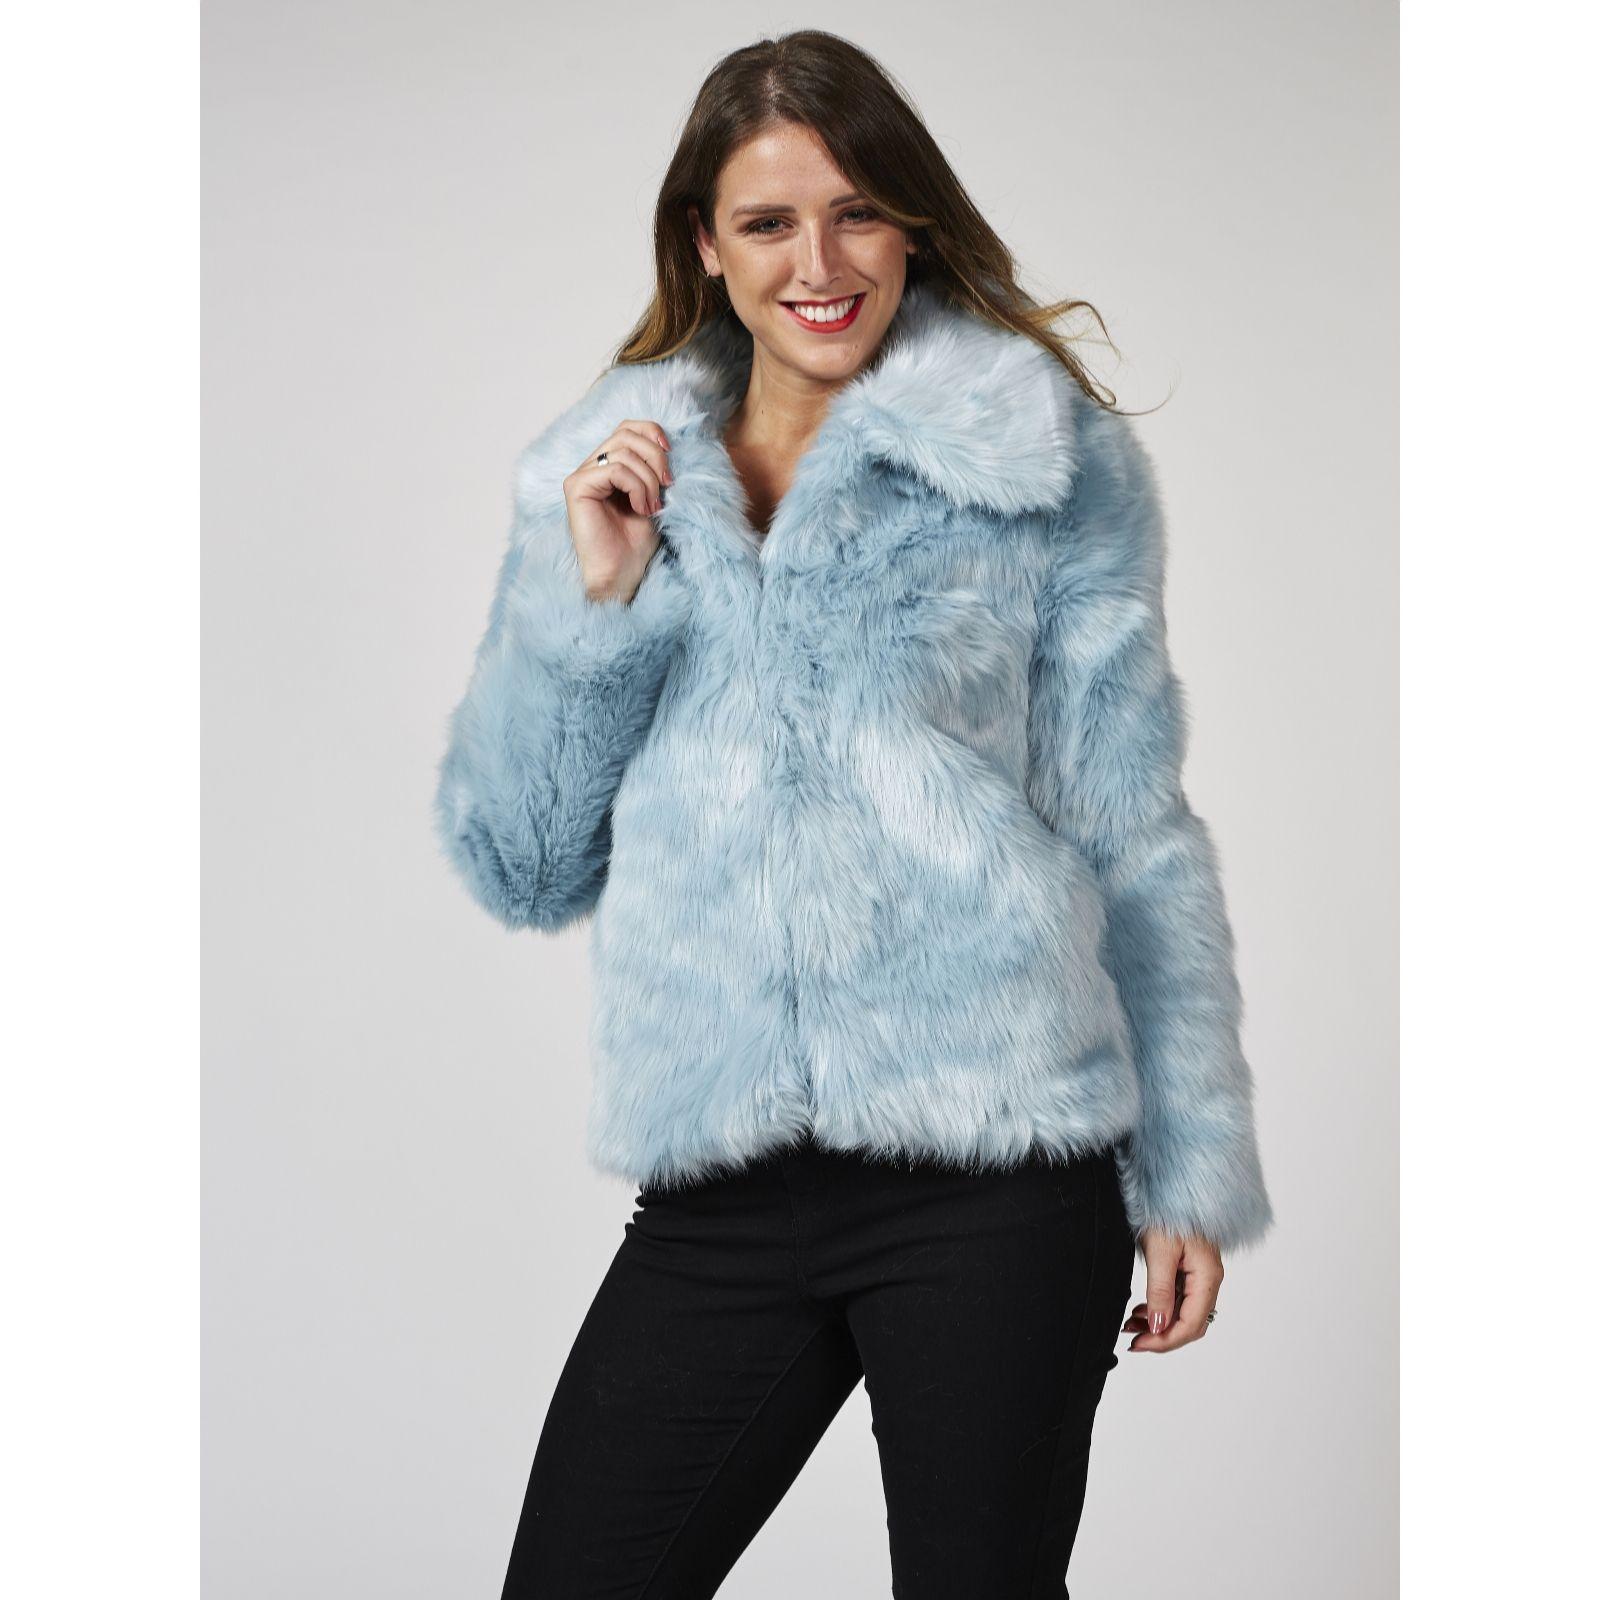 c201f1b2f05 Bonnie Day Faux Fur Coat - QVC UK